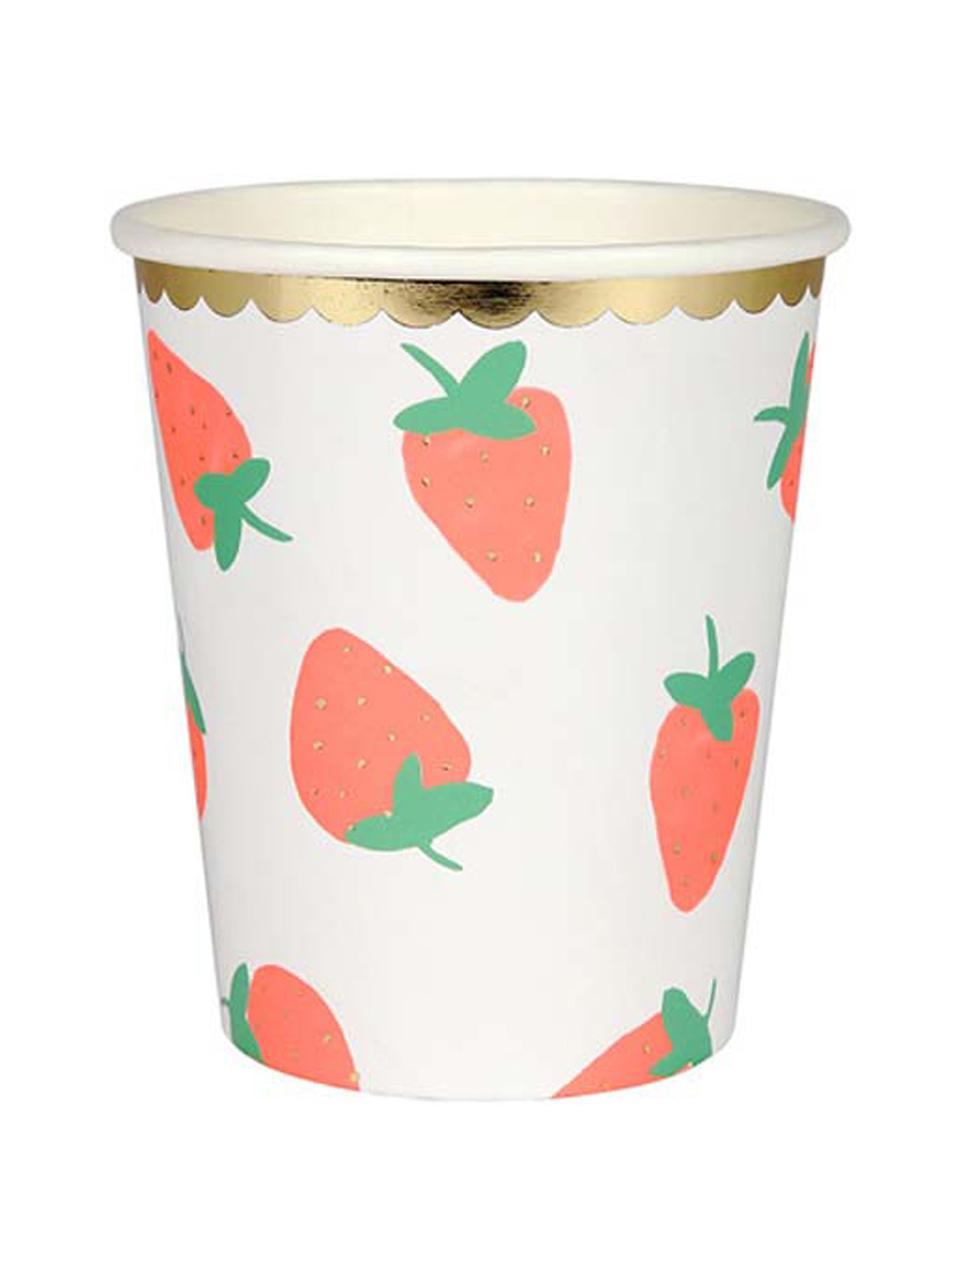 Vasos de papel Strawberry, 8uds., Papel, foliert, Blanco, rosa, verde, Ø 8 x Al 8 cm